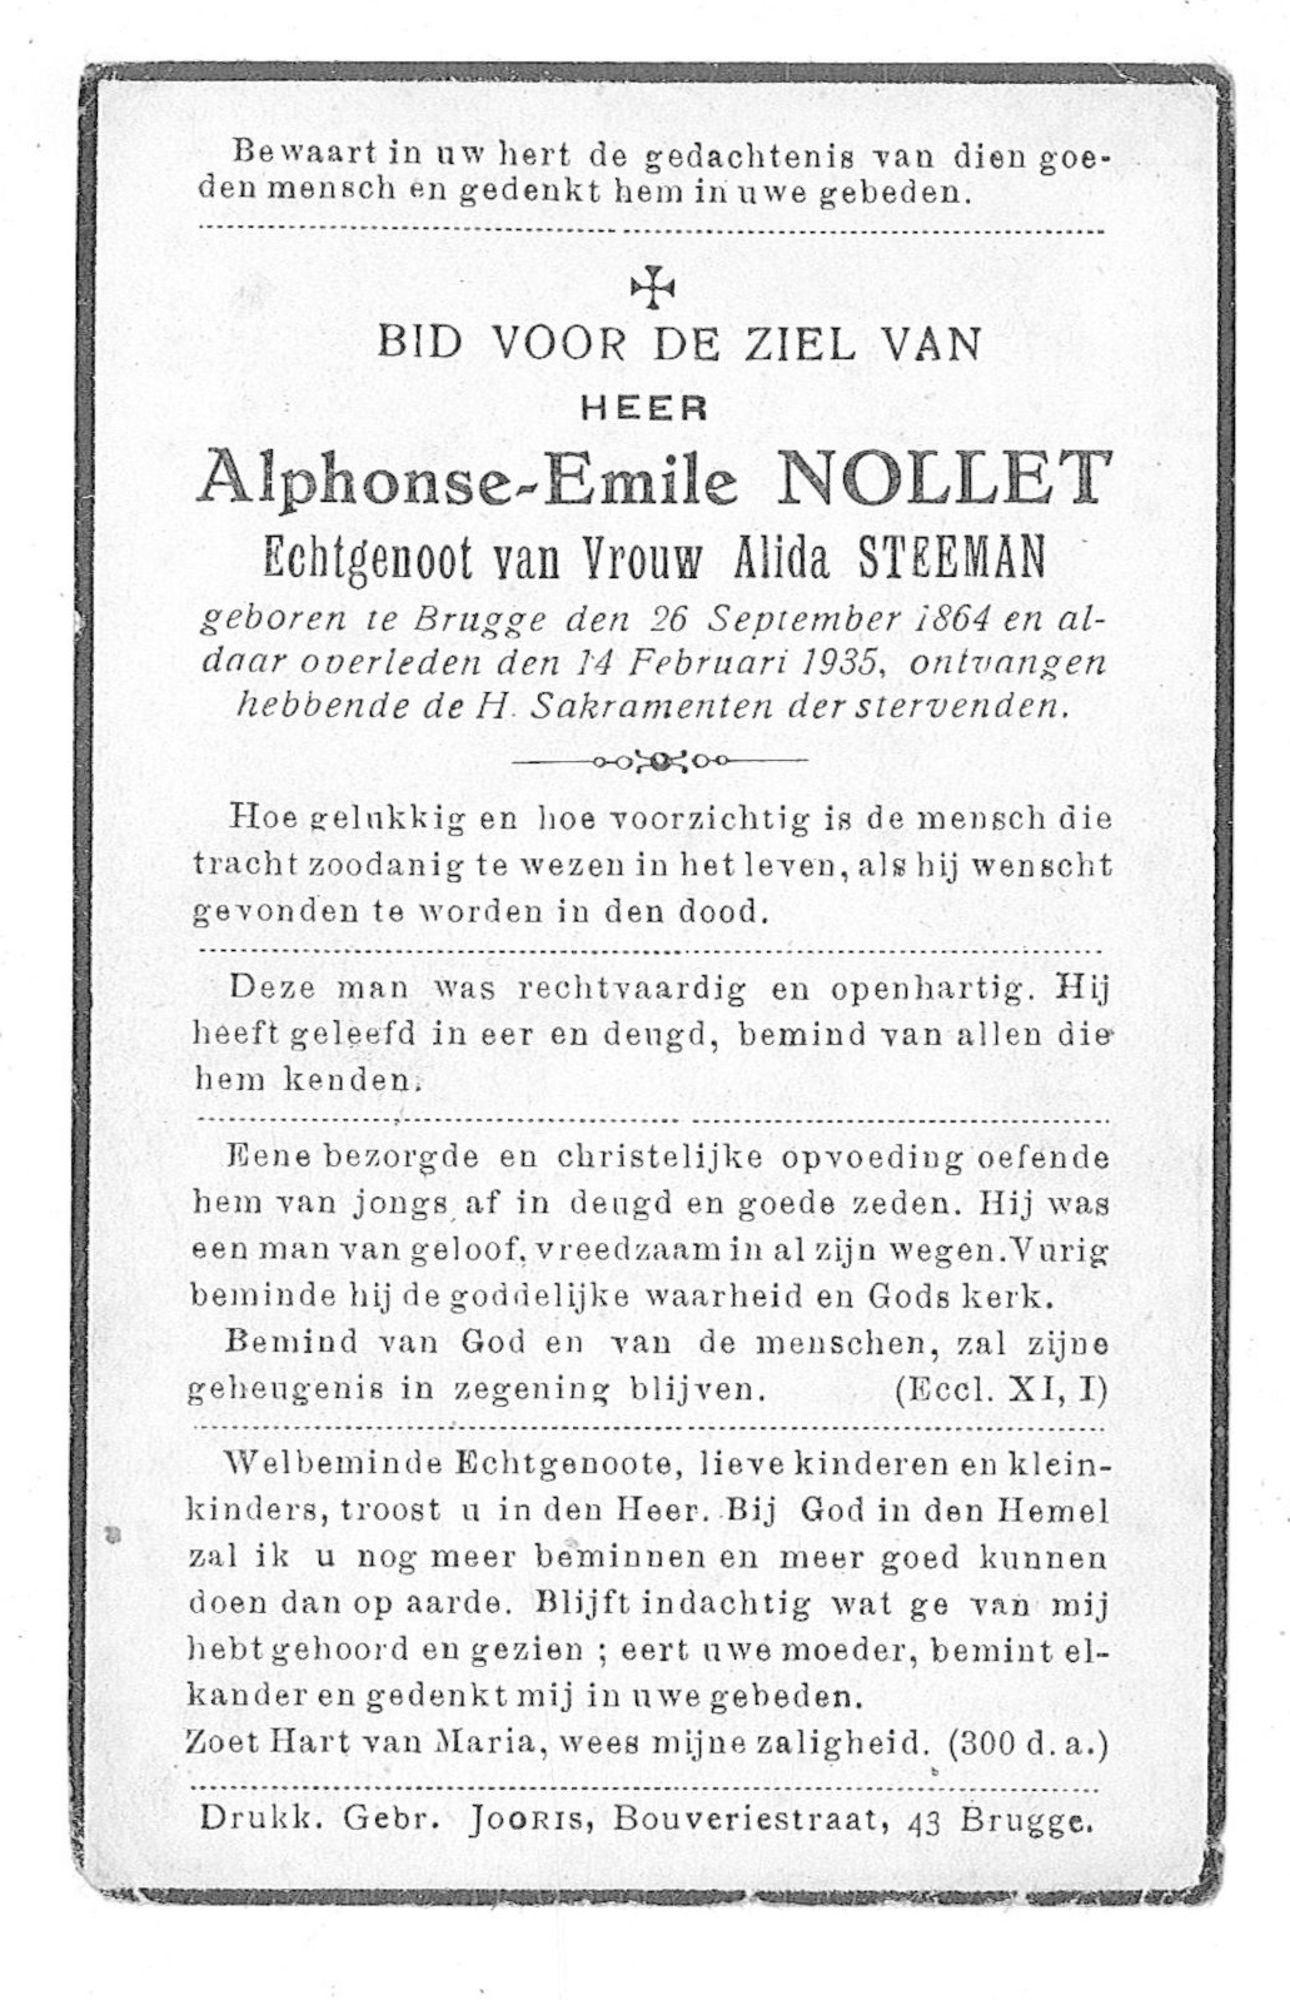 Alphonse-Emile Nollet